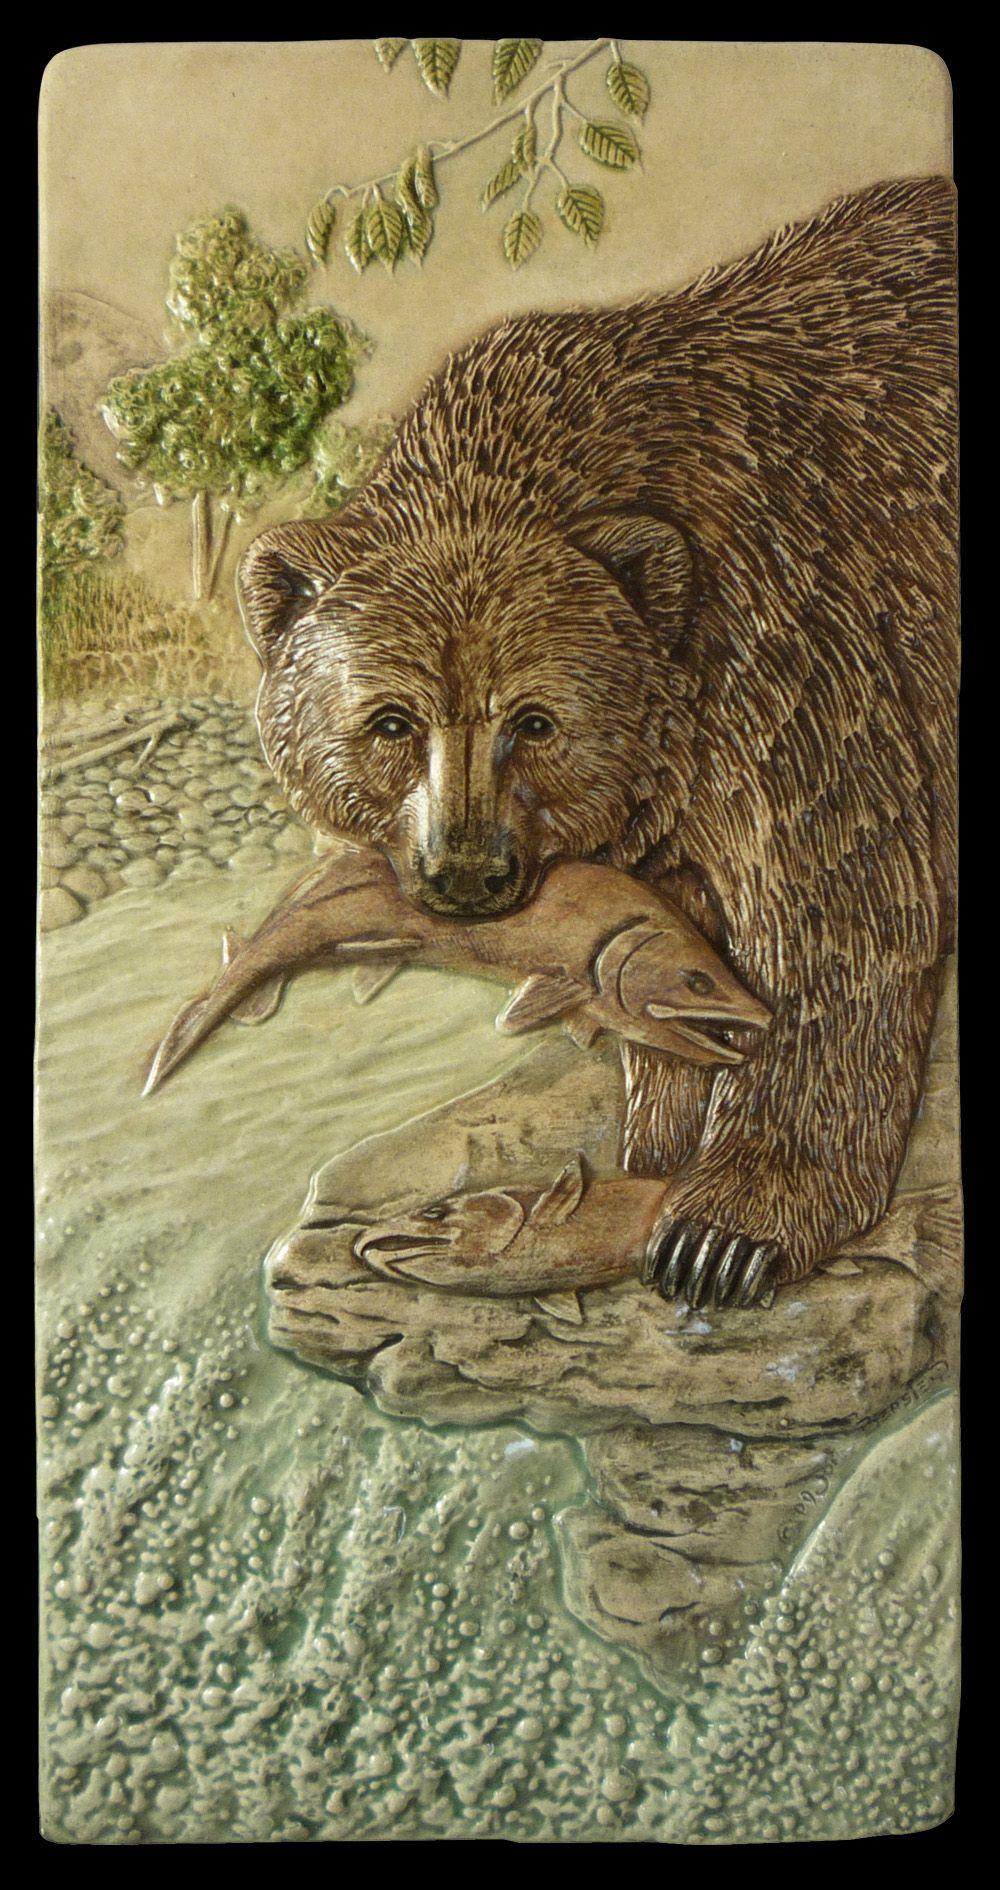 Bear and FIsh Ceramic Tile